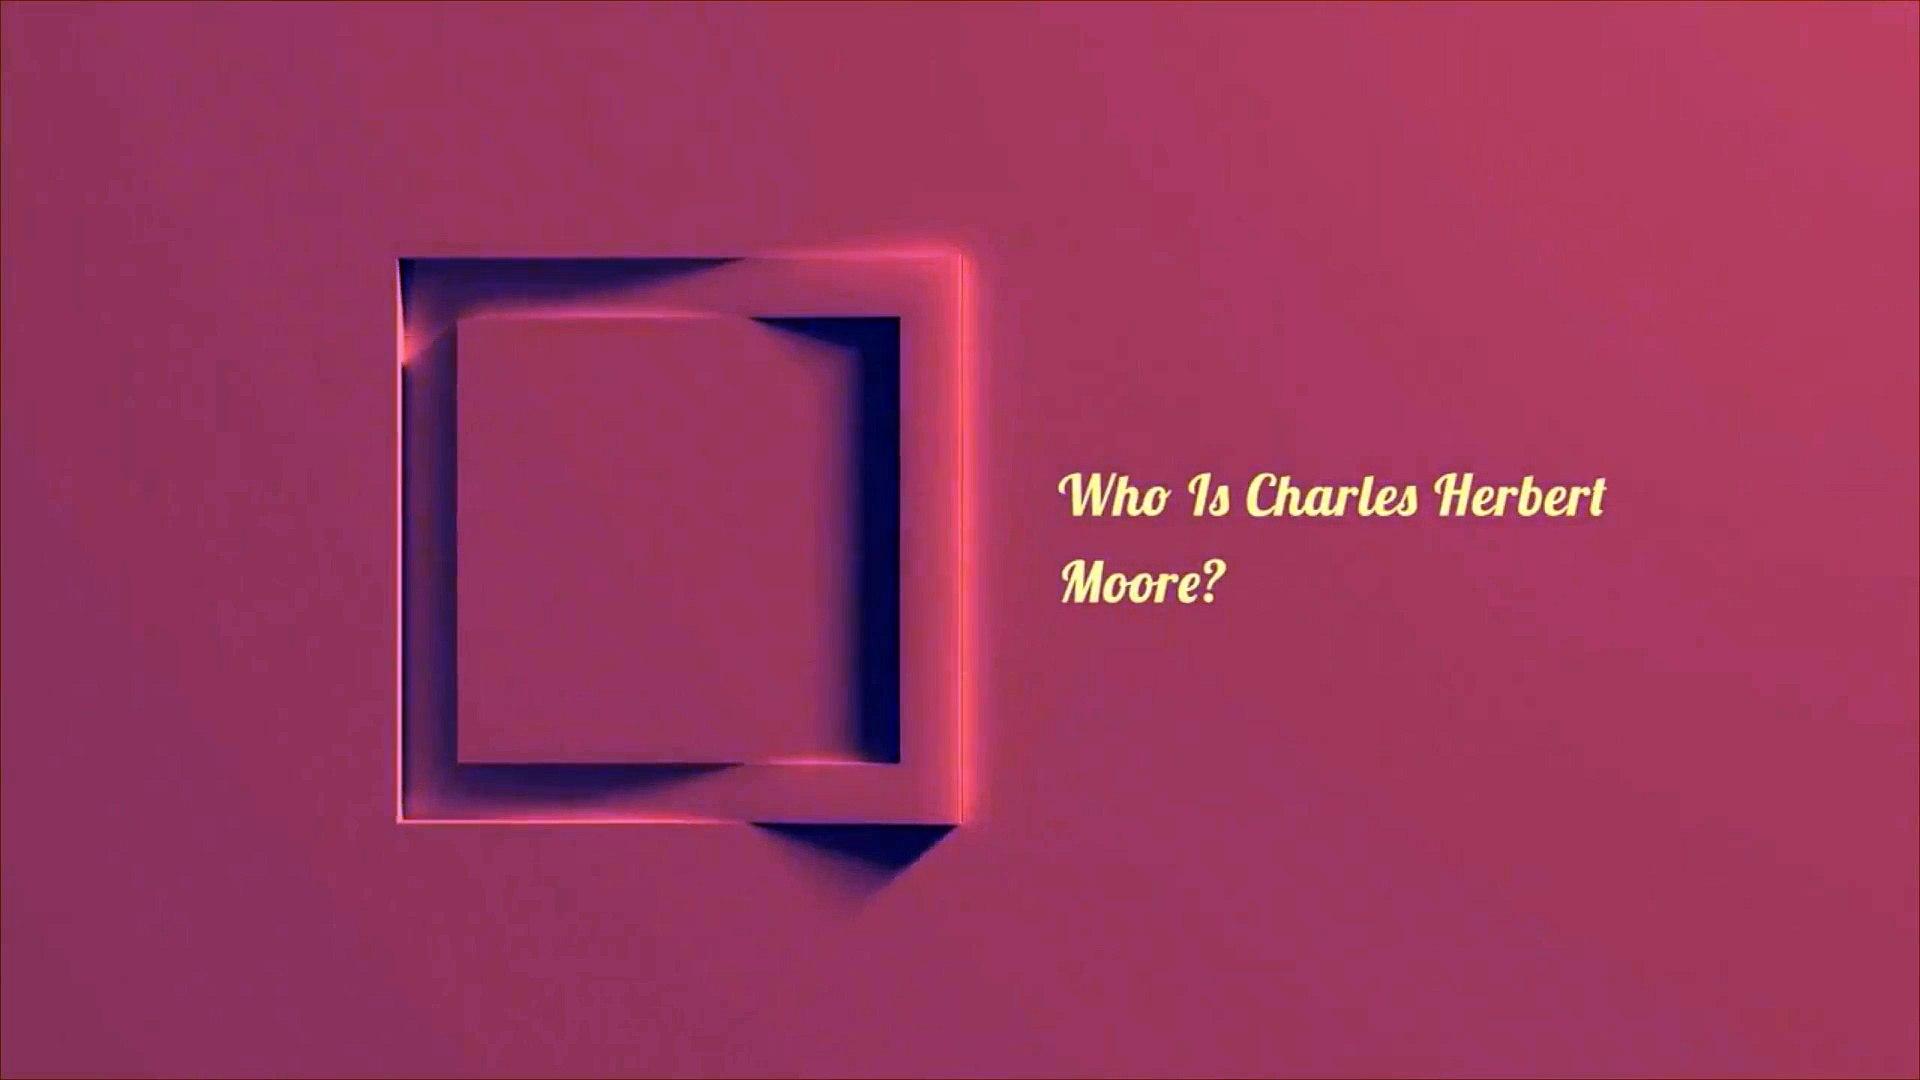 Who Is Charles Herbert Moore?